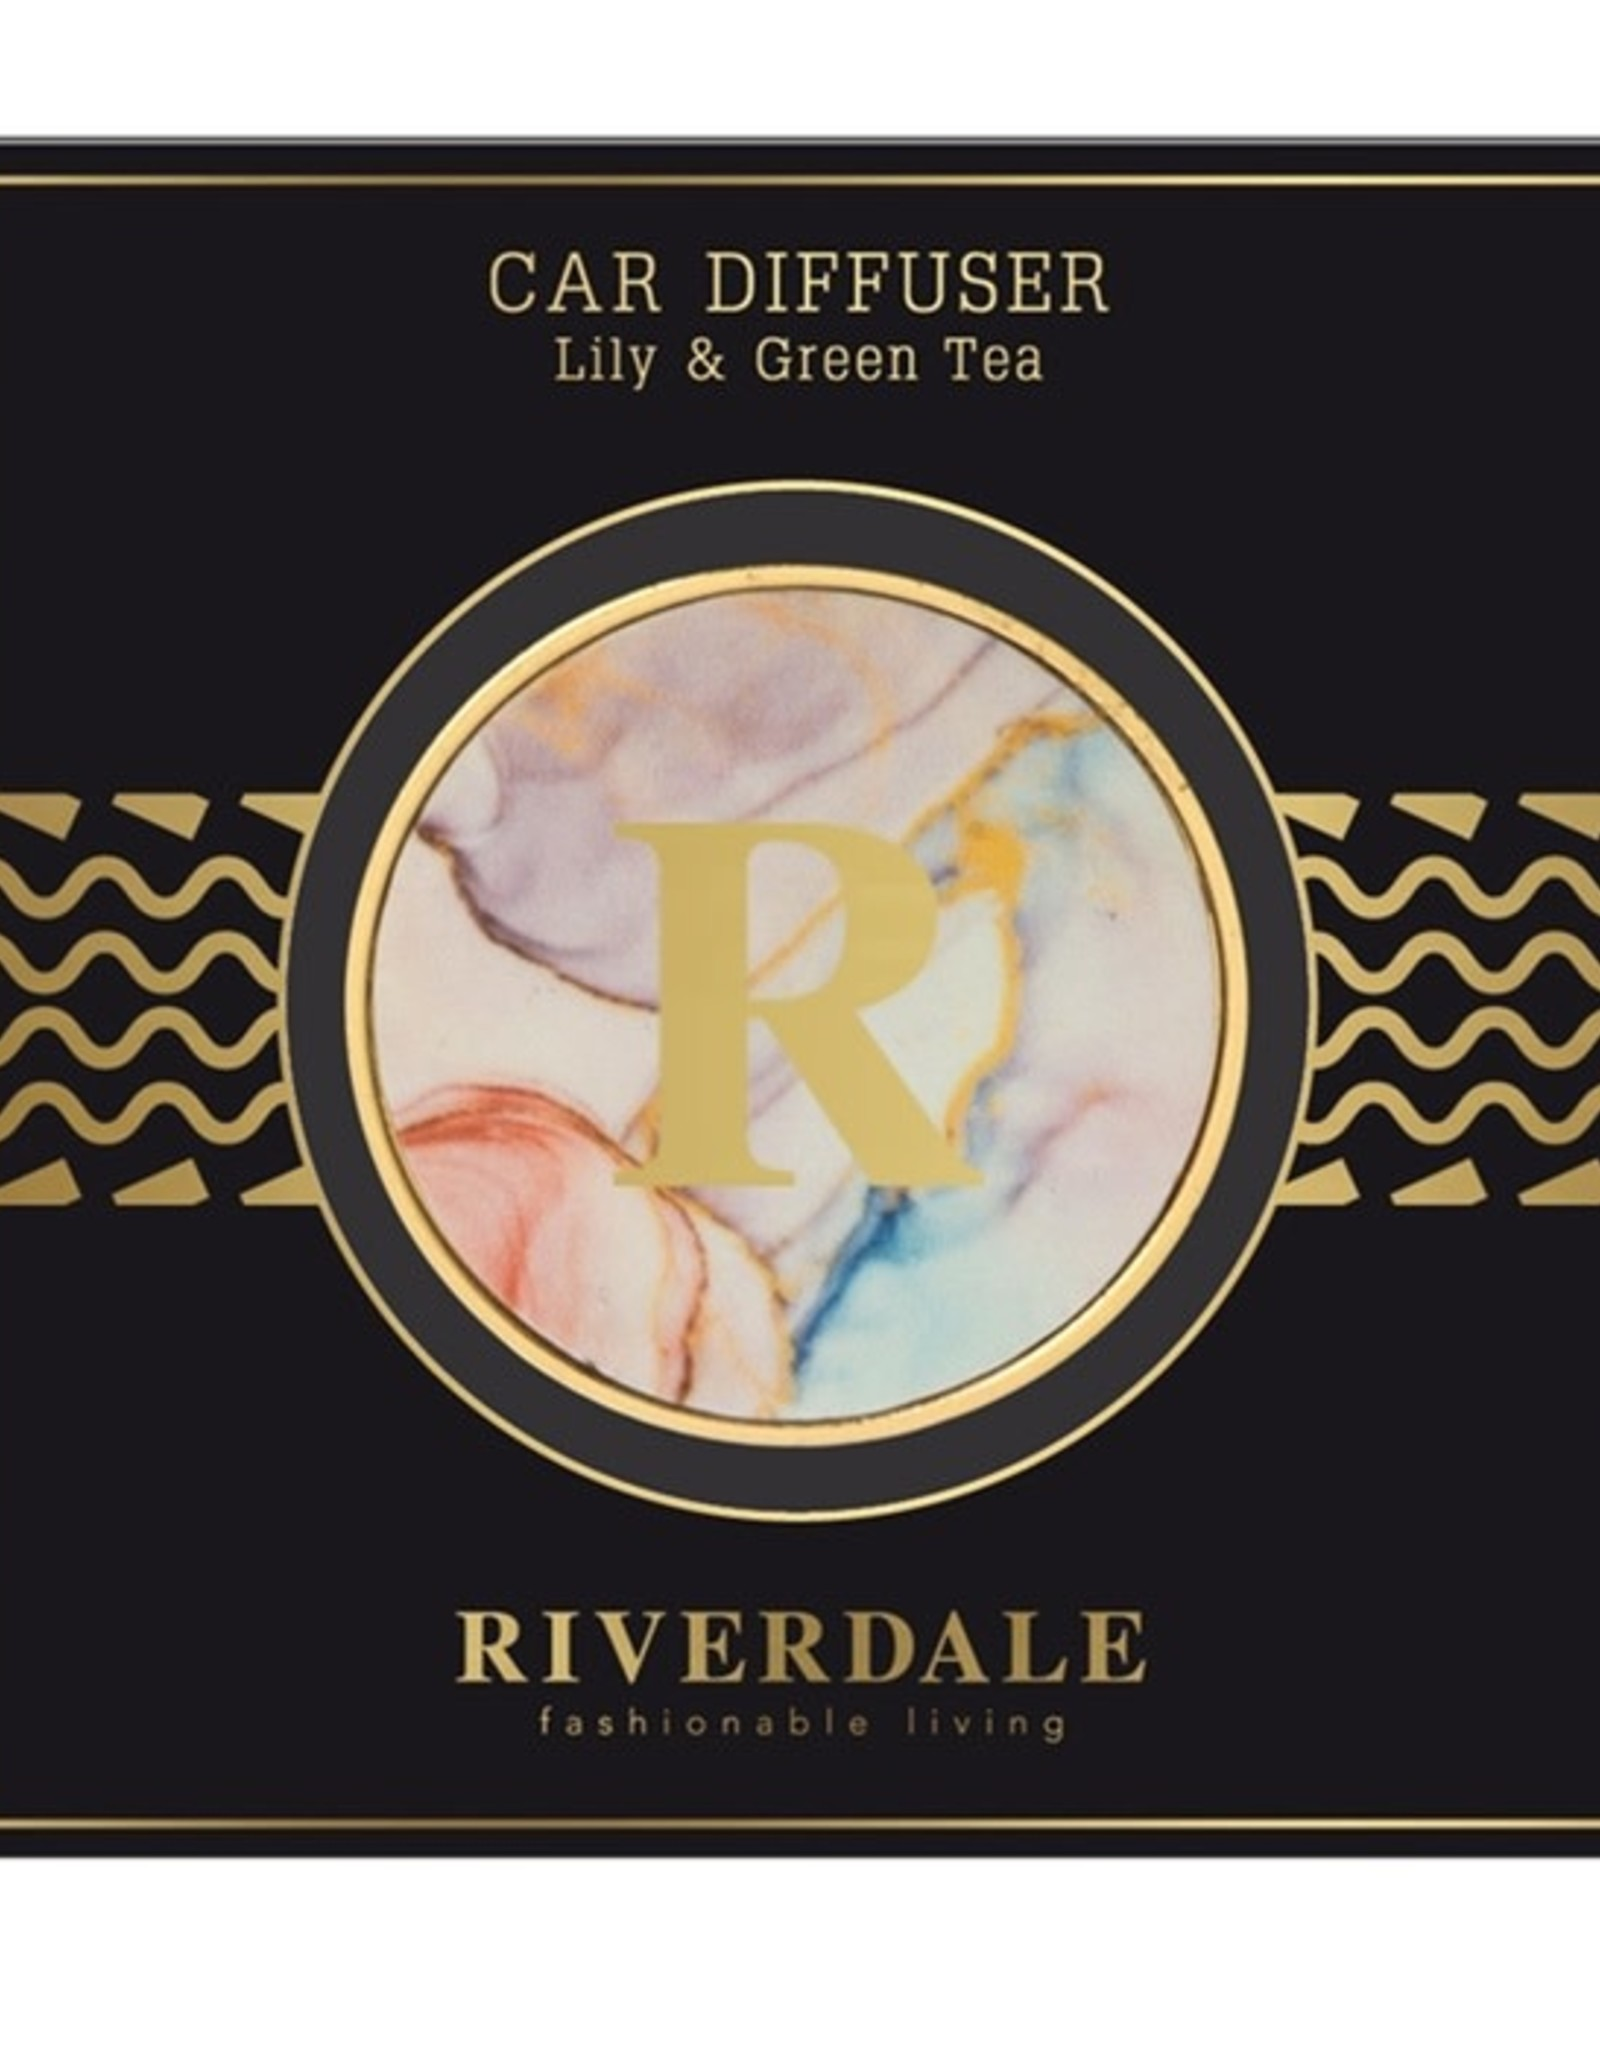 Riverdale Autoparfum Roze Lily & Green Tea